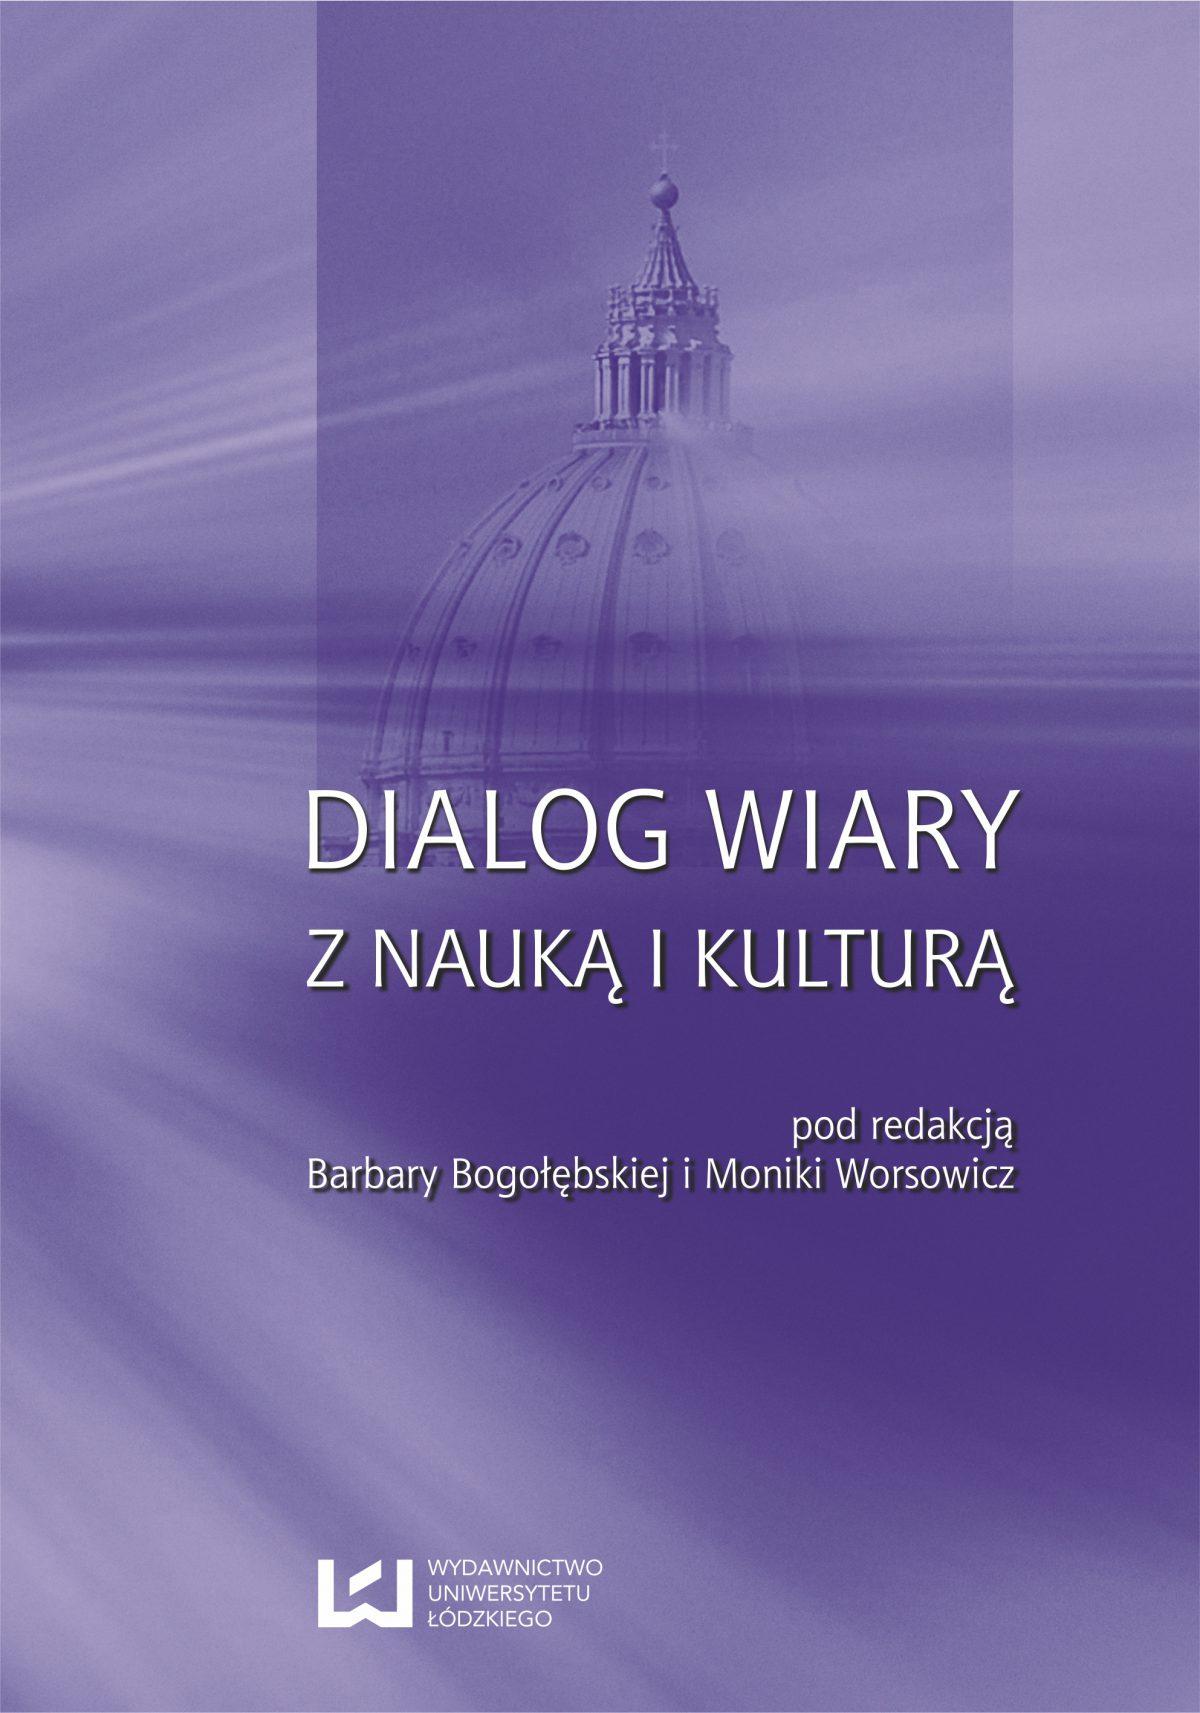 Dialog wiary z nauką i kulturą - Ebook (Książka PDF) do pobrania w formacie PDF